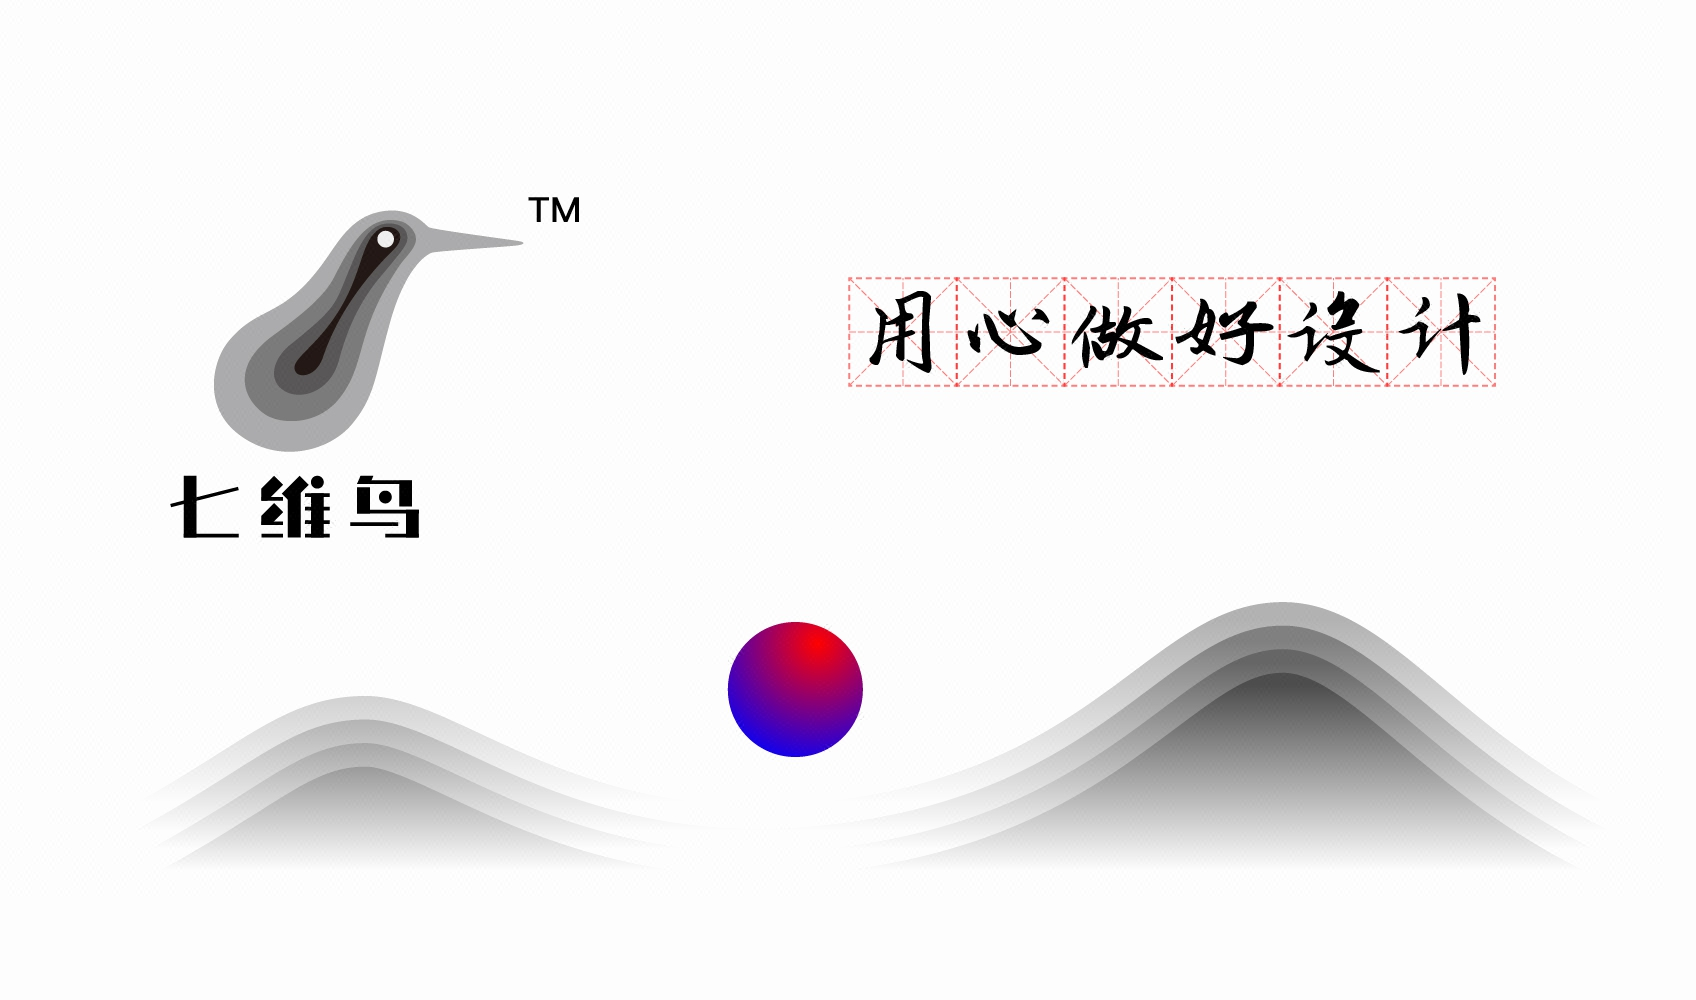 LOGO_字体设计文字logo公司企业品牌标志图标设计1